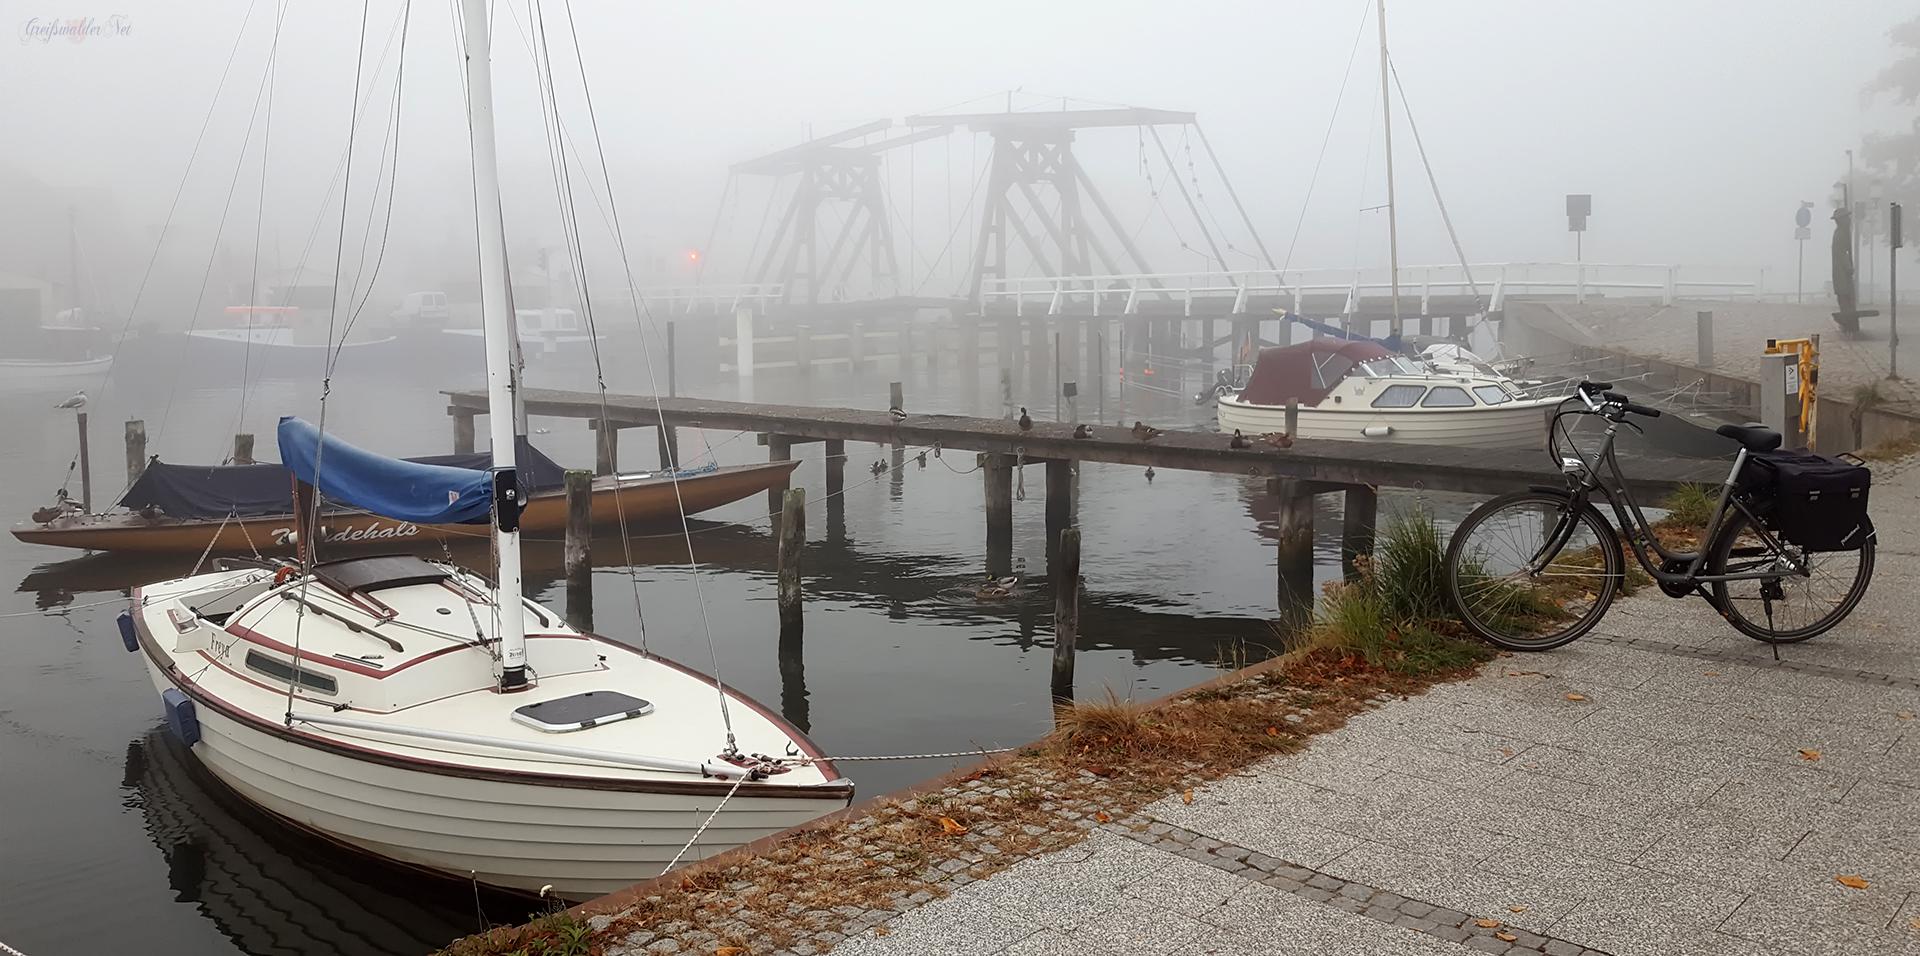 Greifswald-Wieck im Nebel